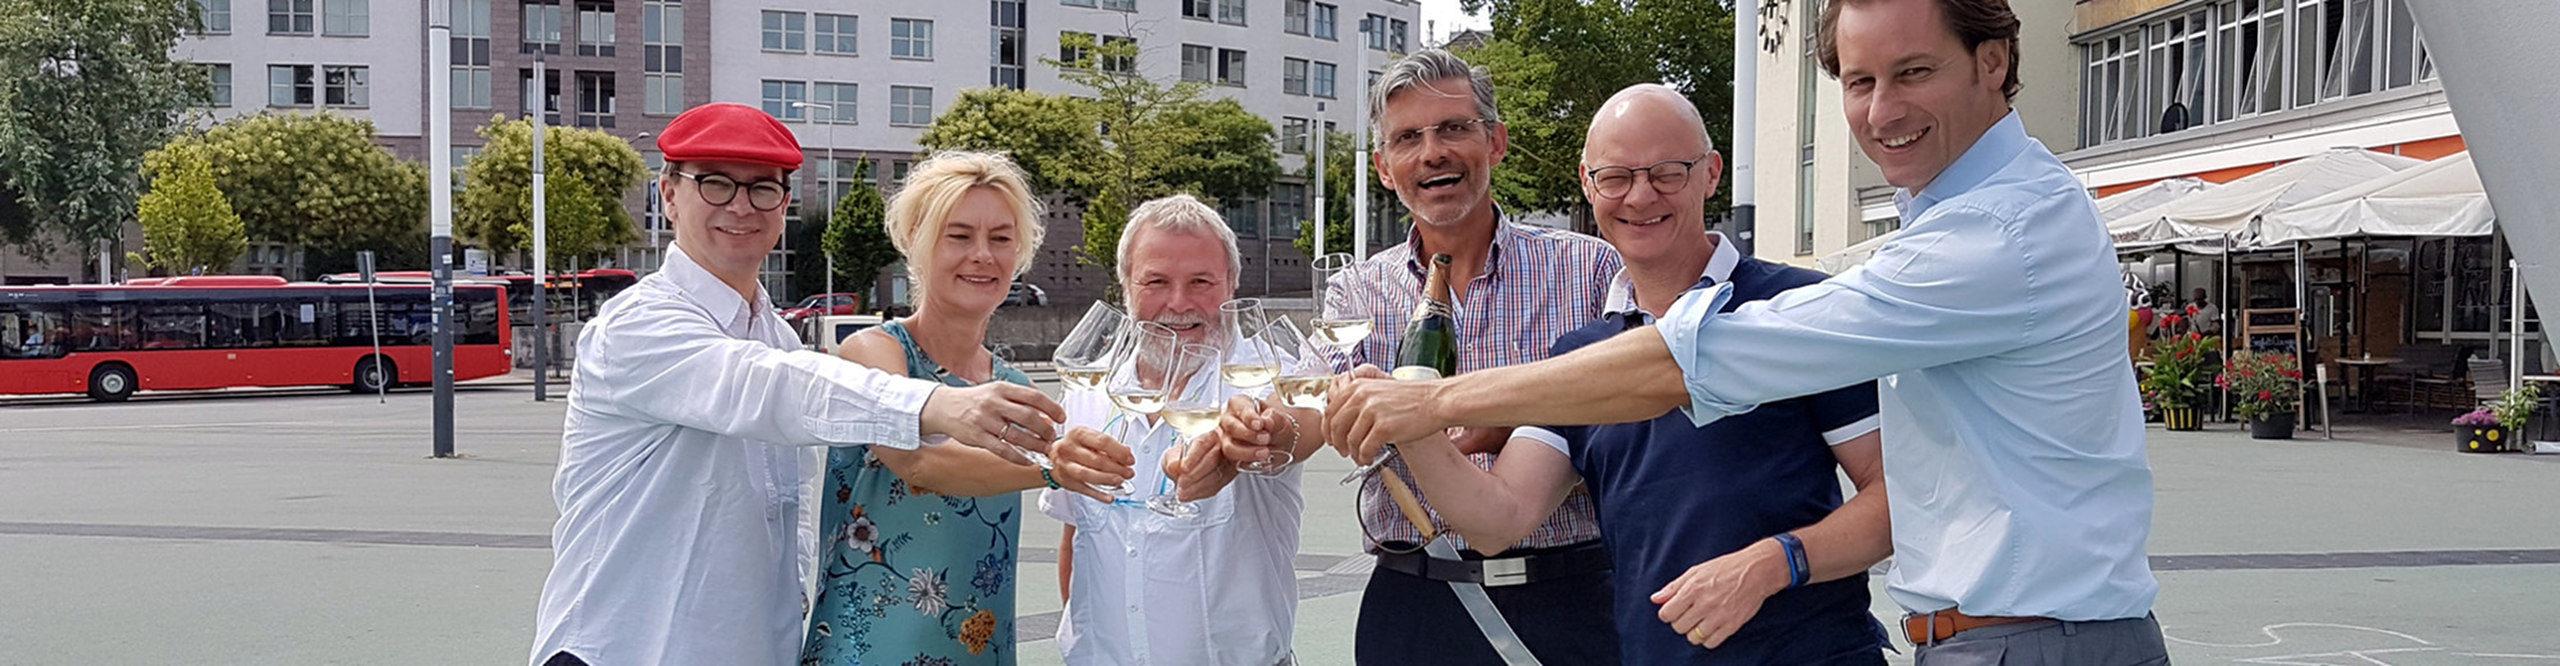 FuW Fachverband unabhängiger Weinreferenten e.V.